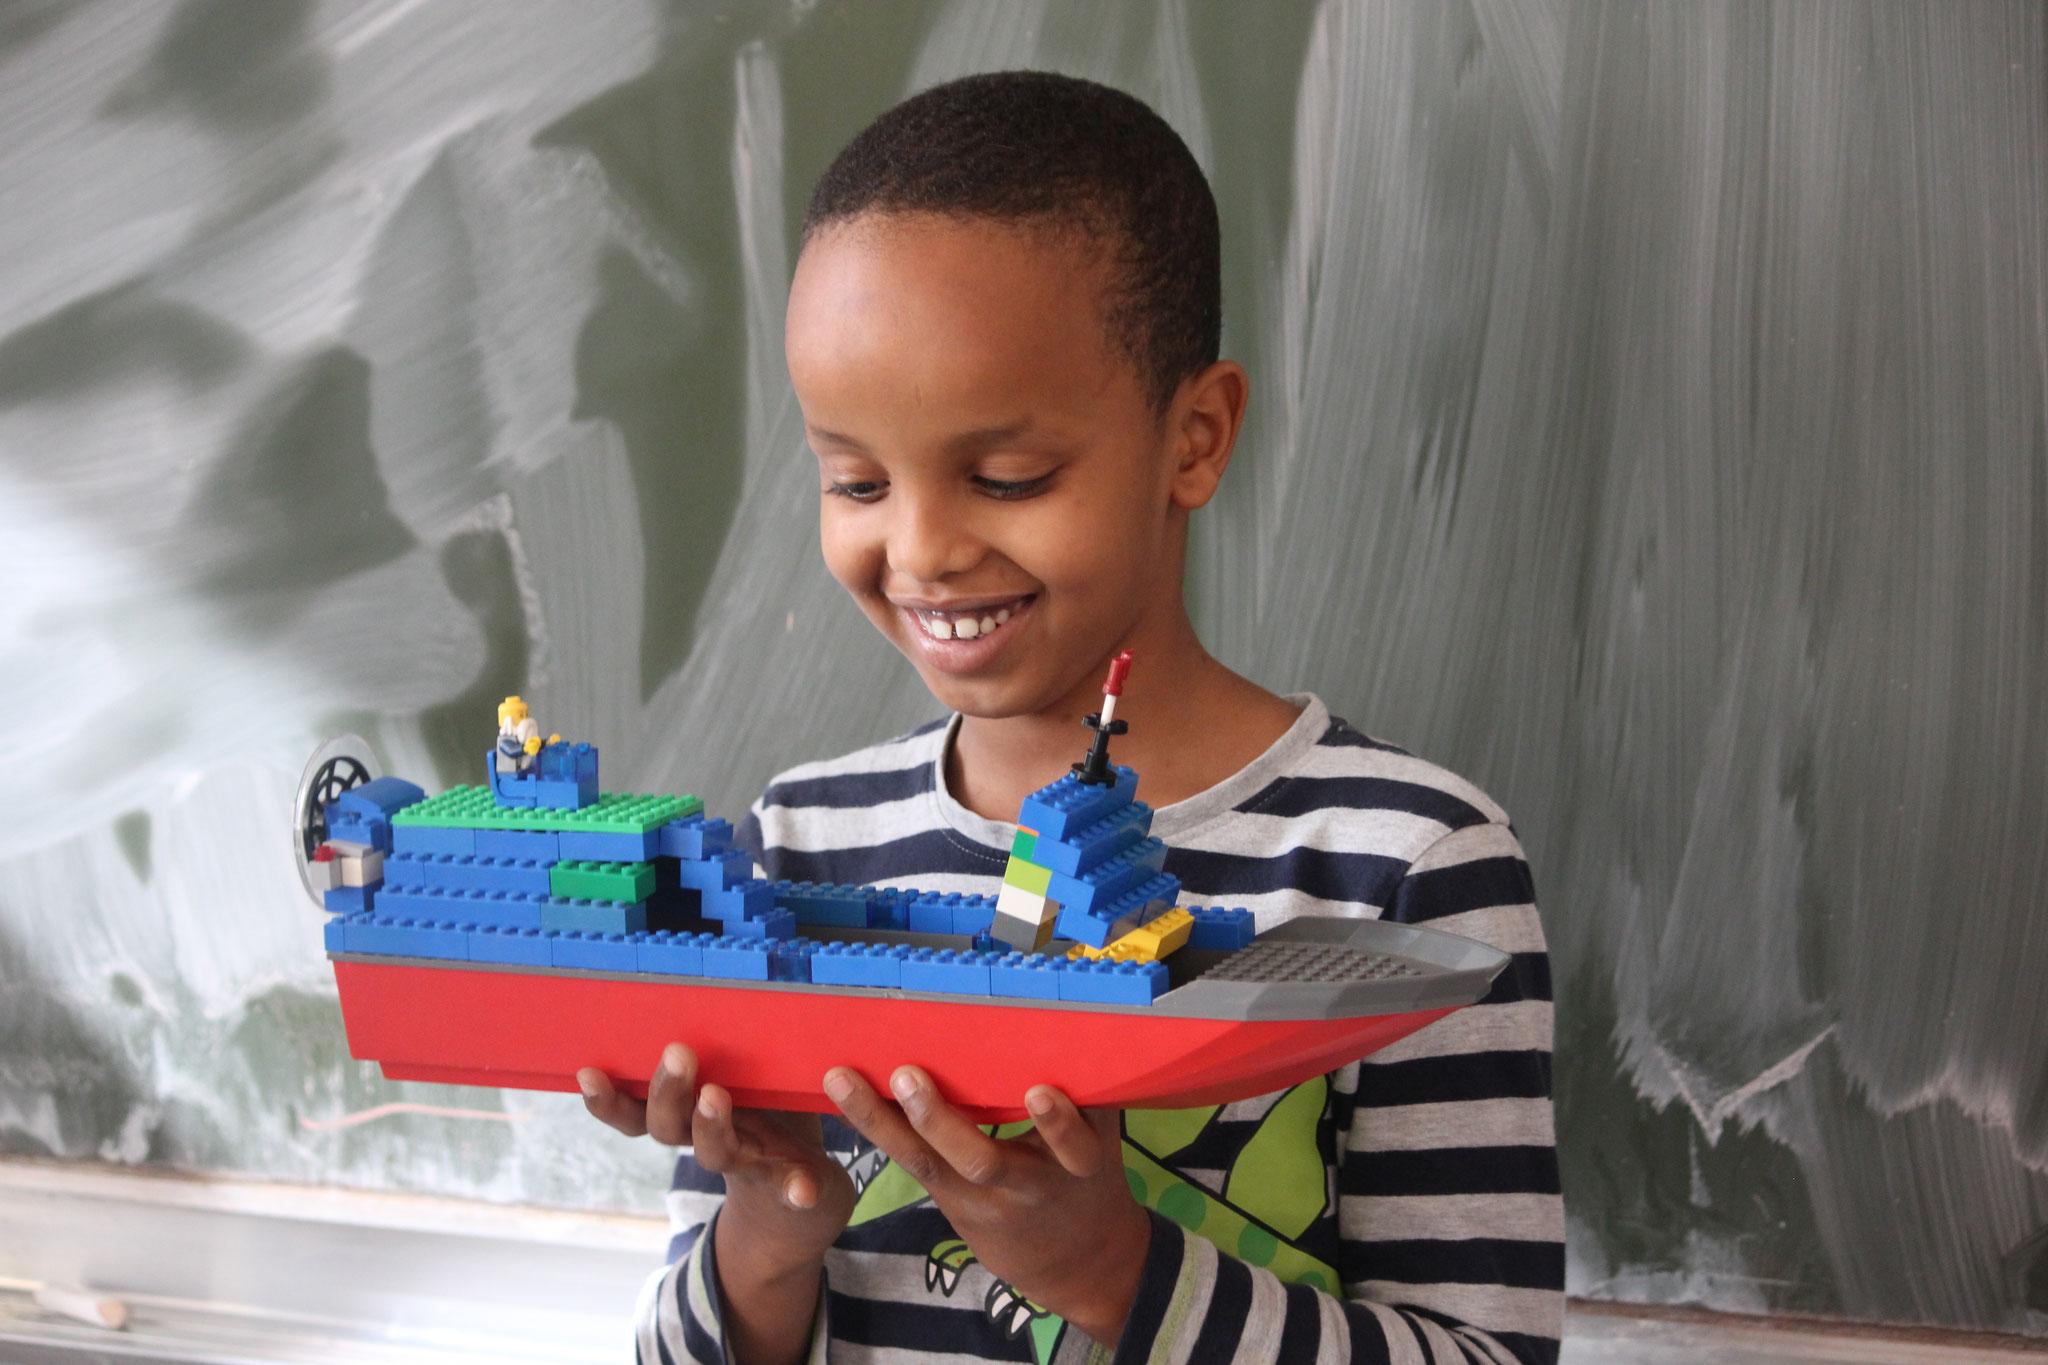 oder Lego bauen